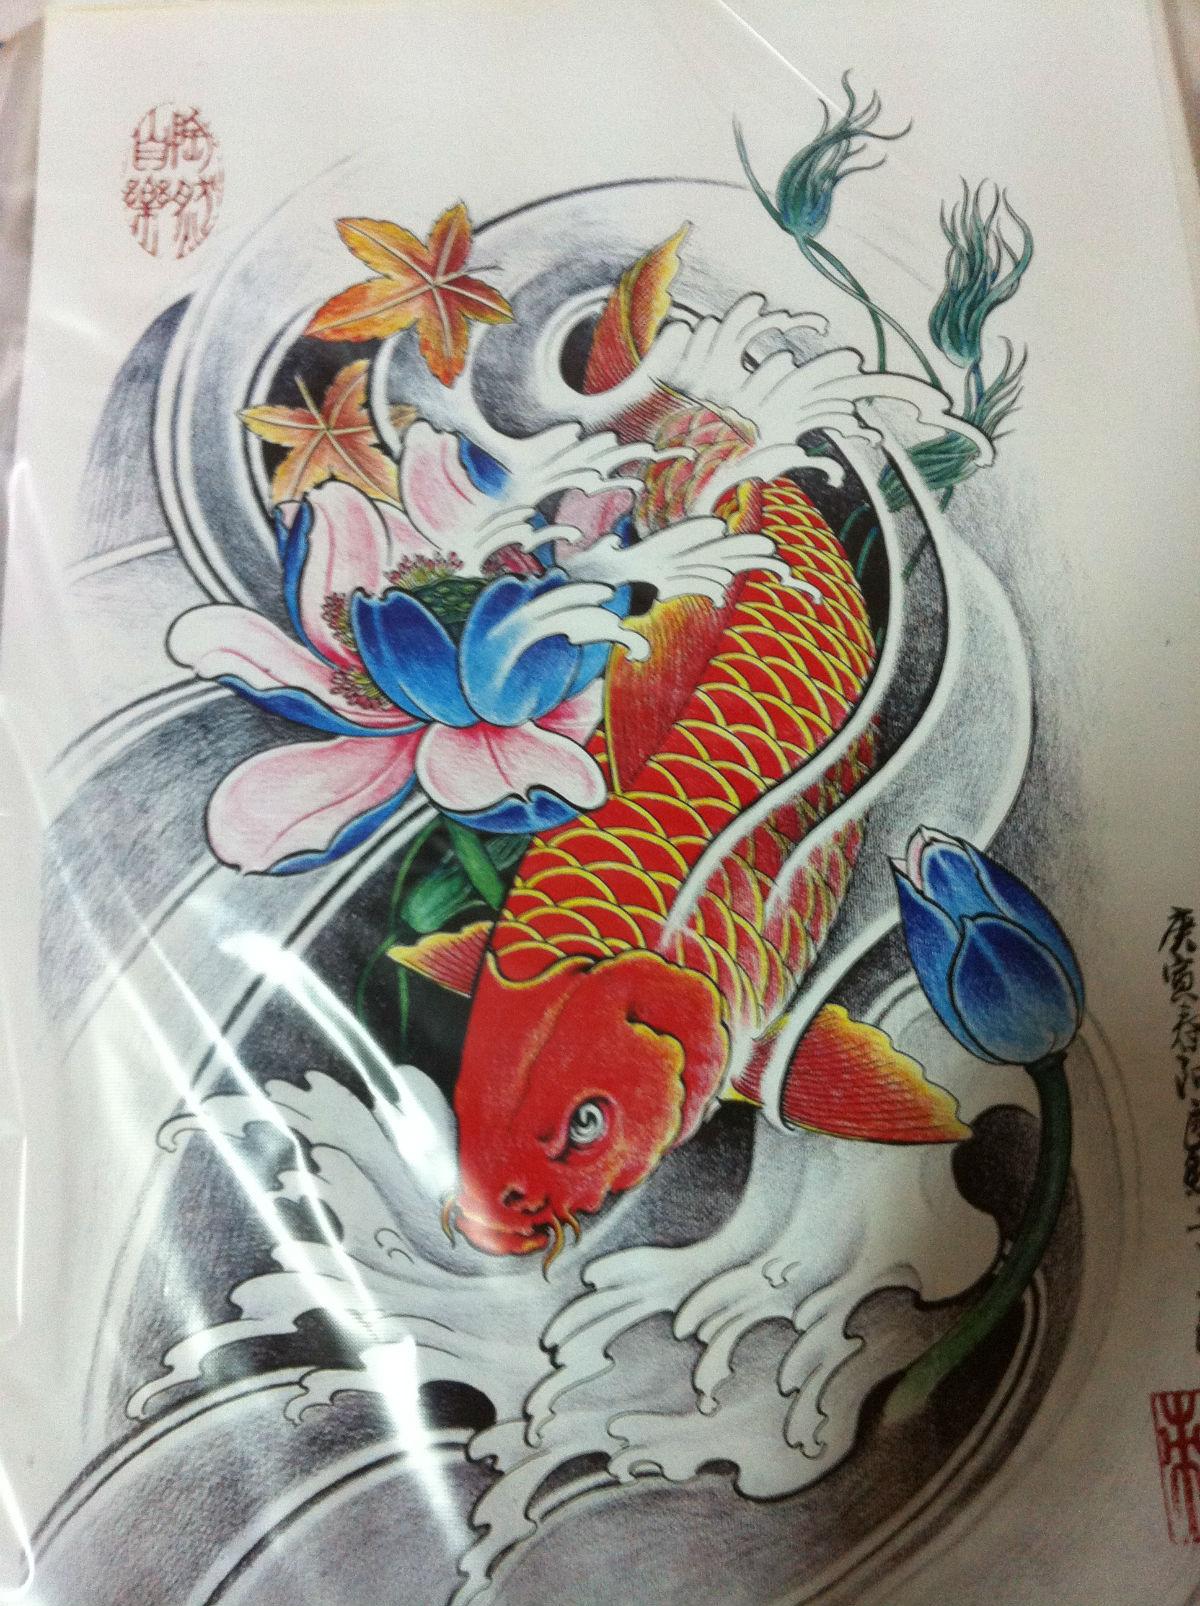 小腿鲤鱼纹身手稿分享展示图片